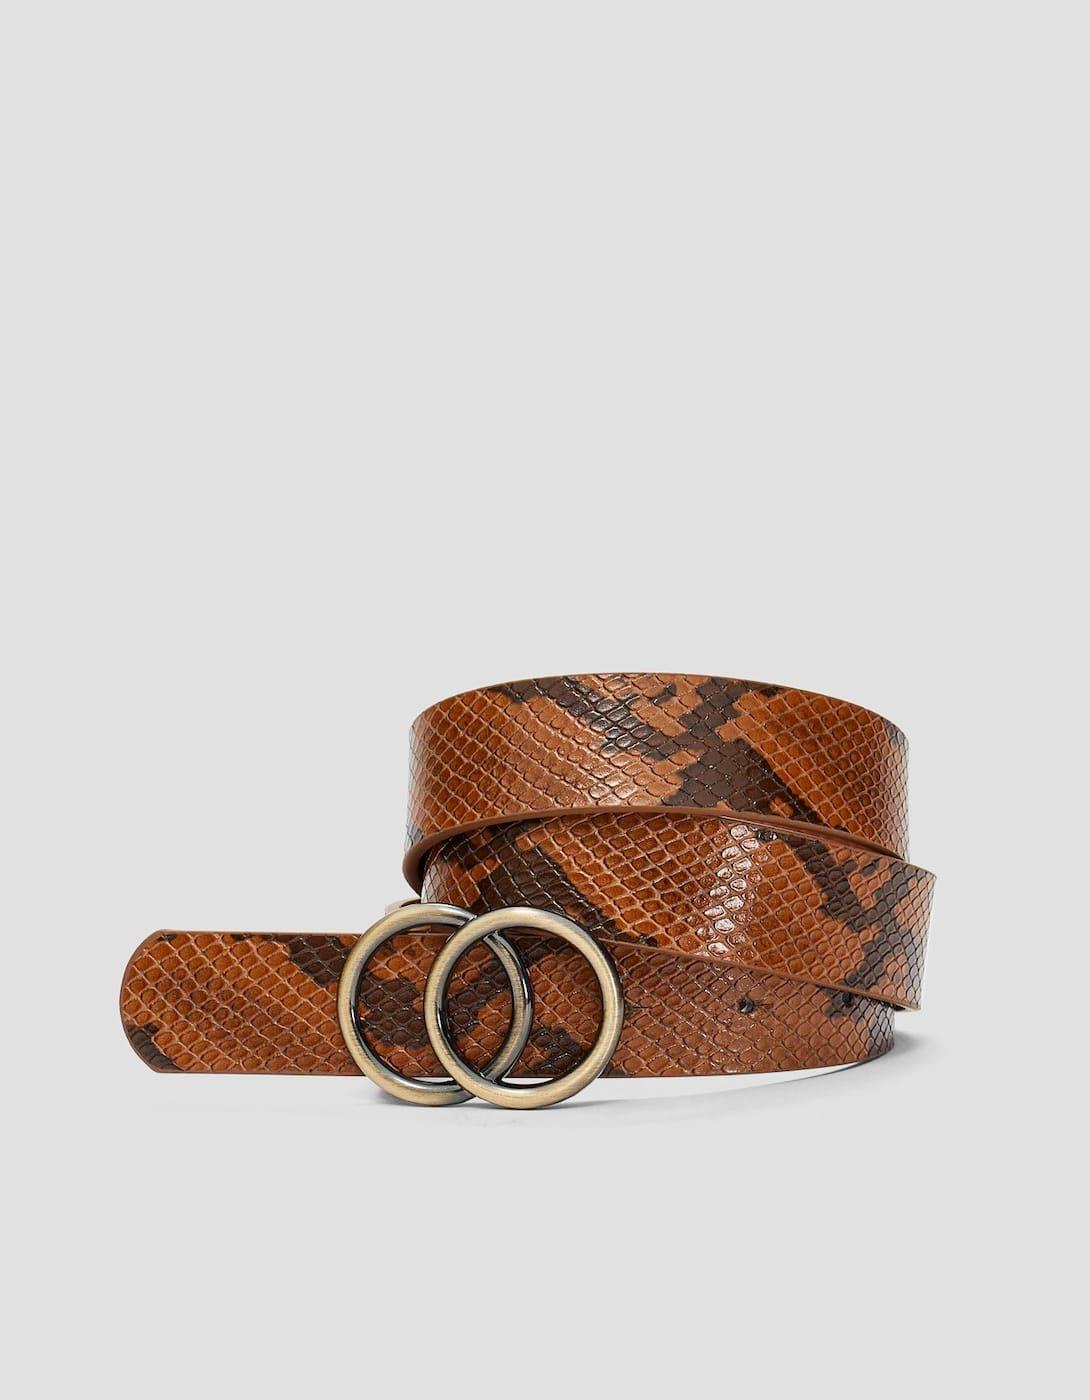 Cinturón hebilla cruzada snake - Cinturones de mujer  fb348fb16eed